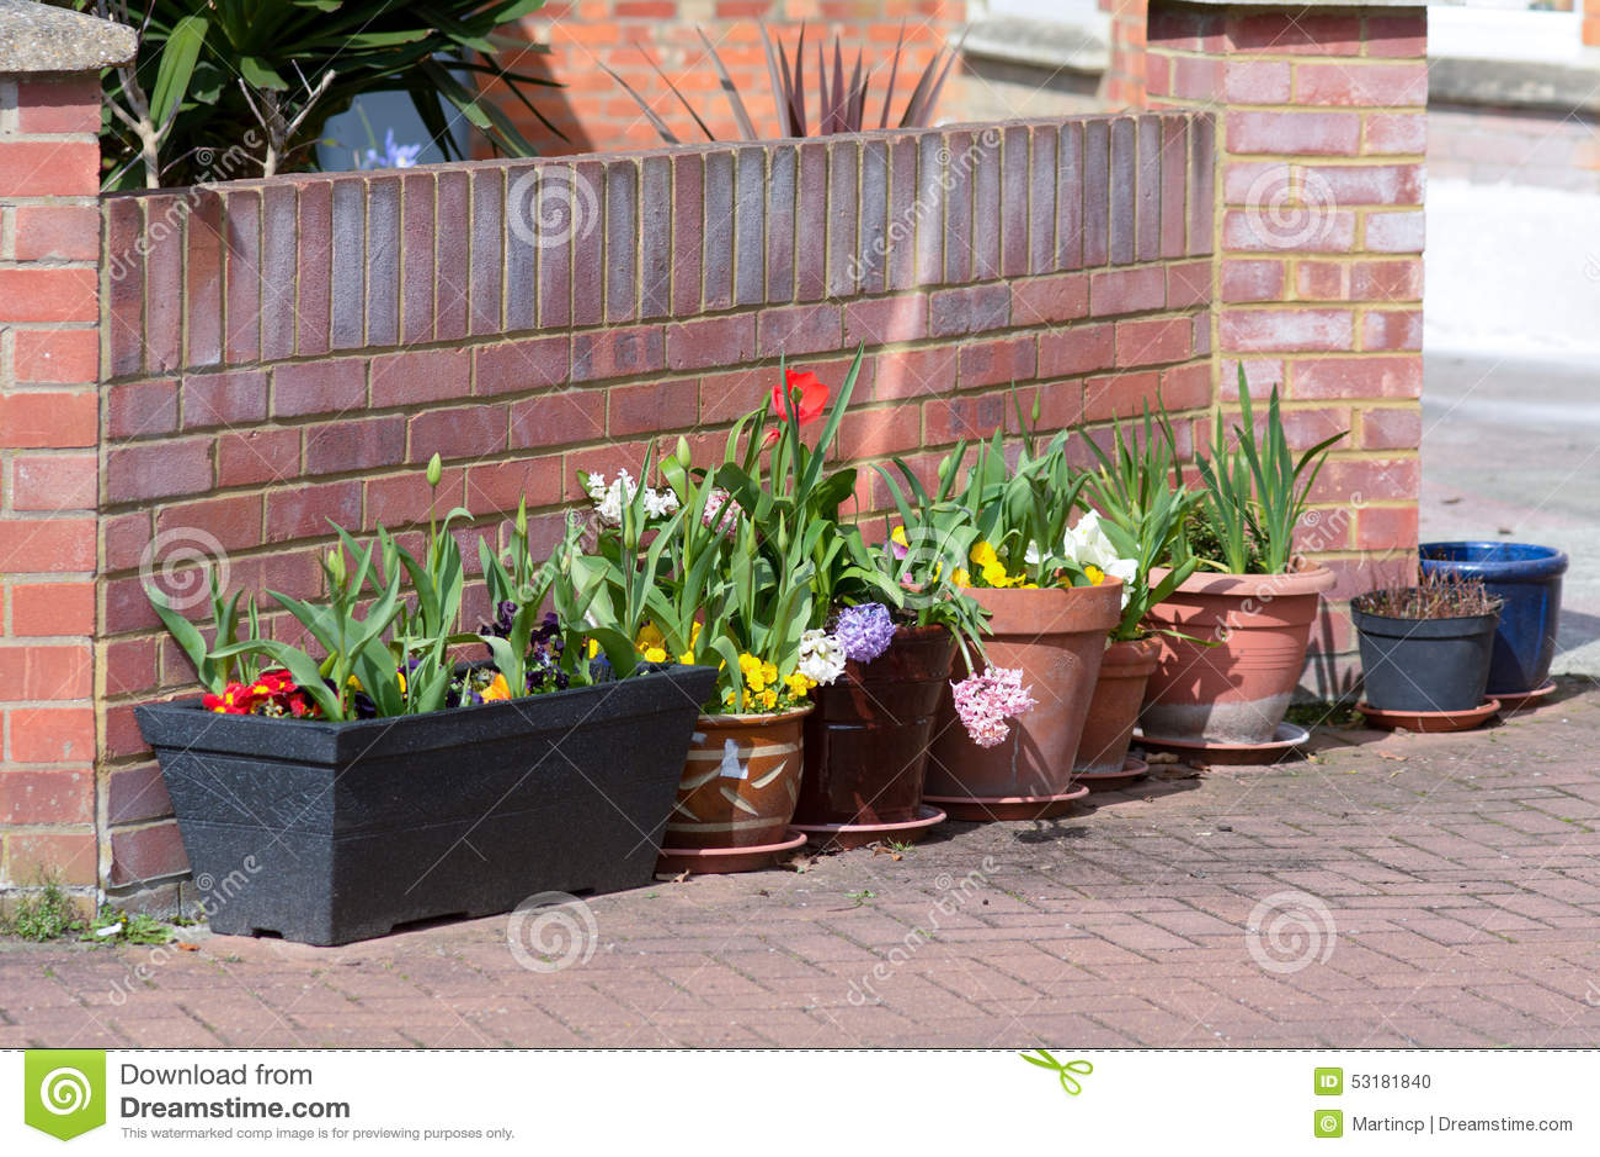 Row Flower Garden : Row of flower pots in garden stock photo image